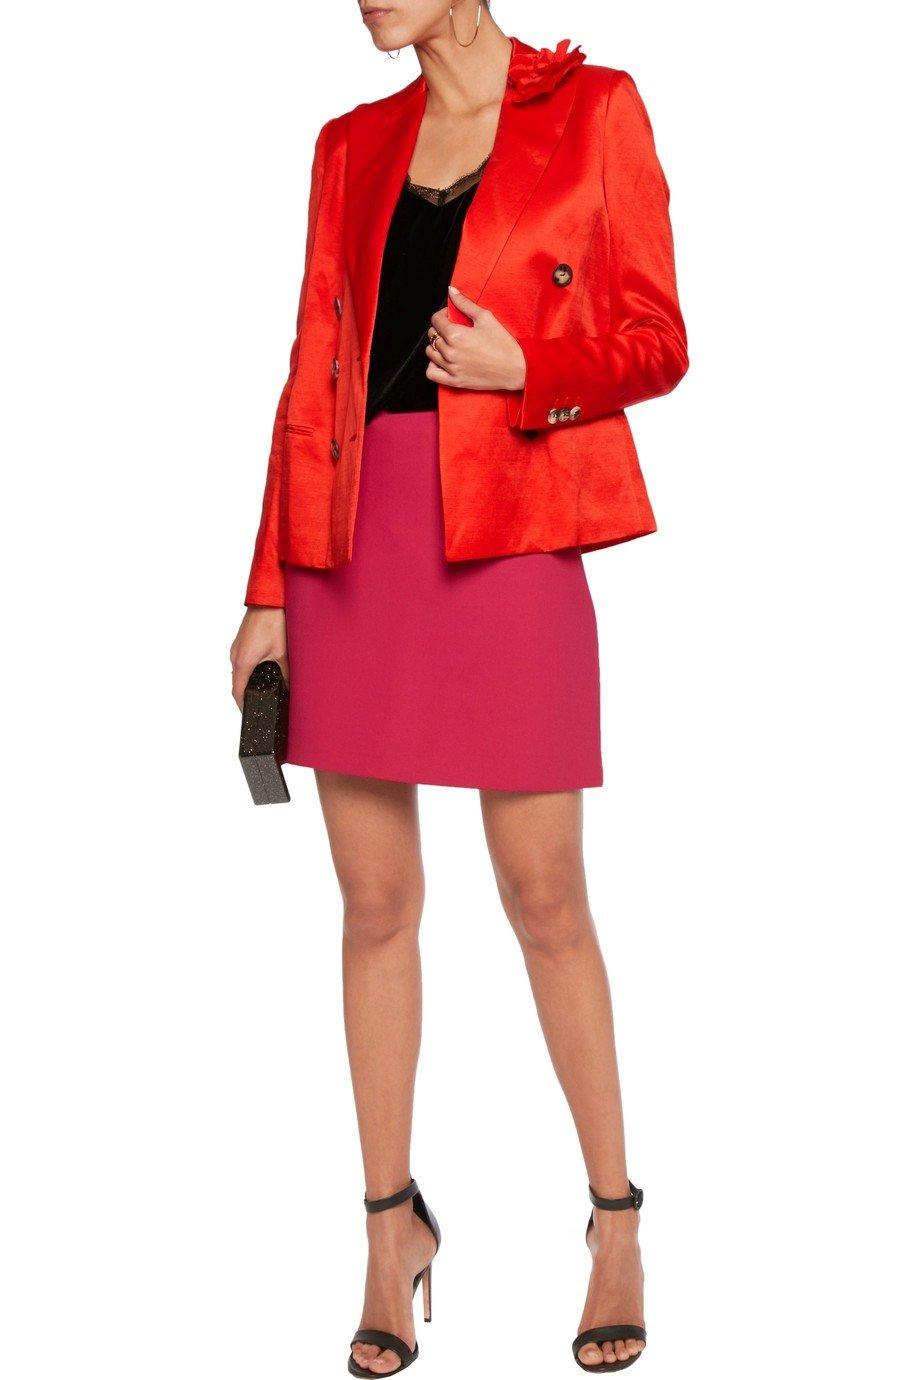 оранжевый атласный пиджак женский 2018 года фото новинки модные тенденции